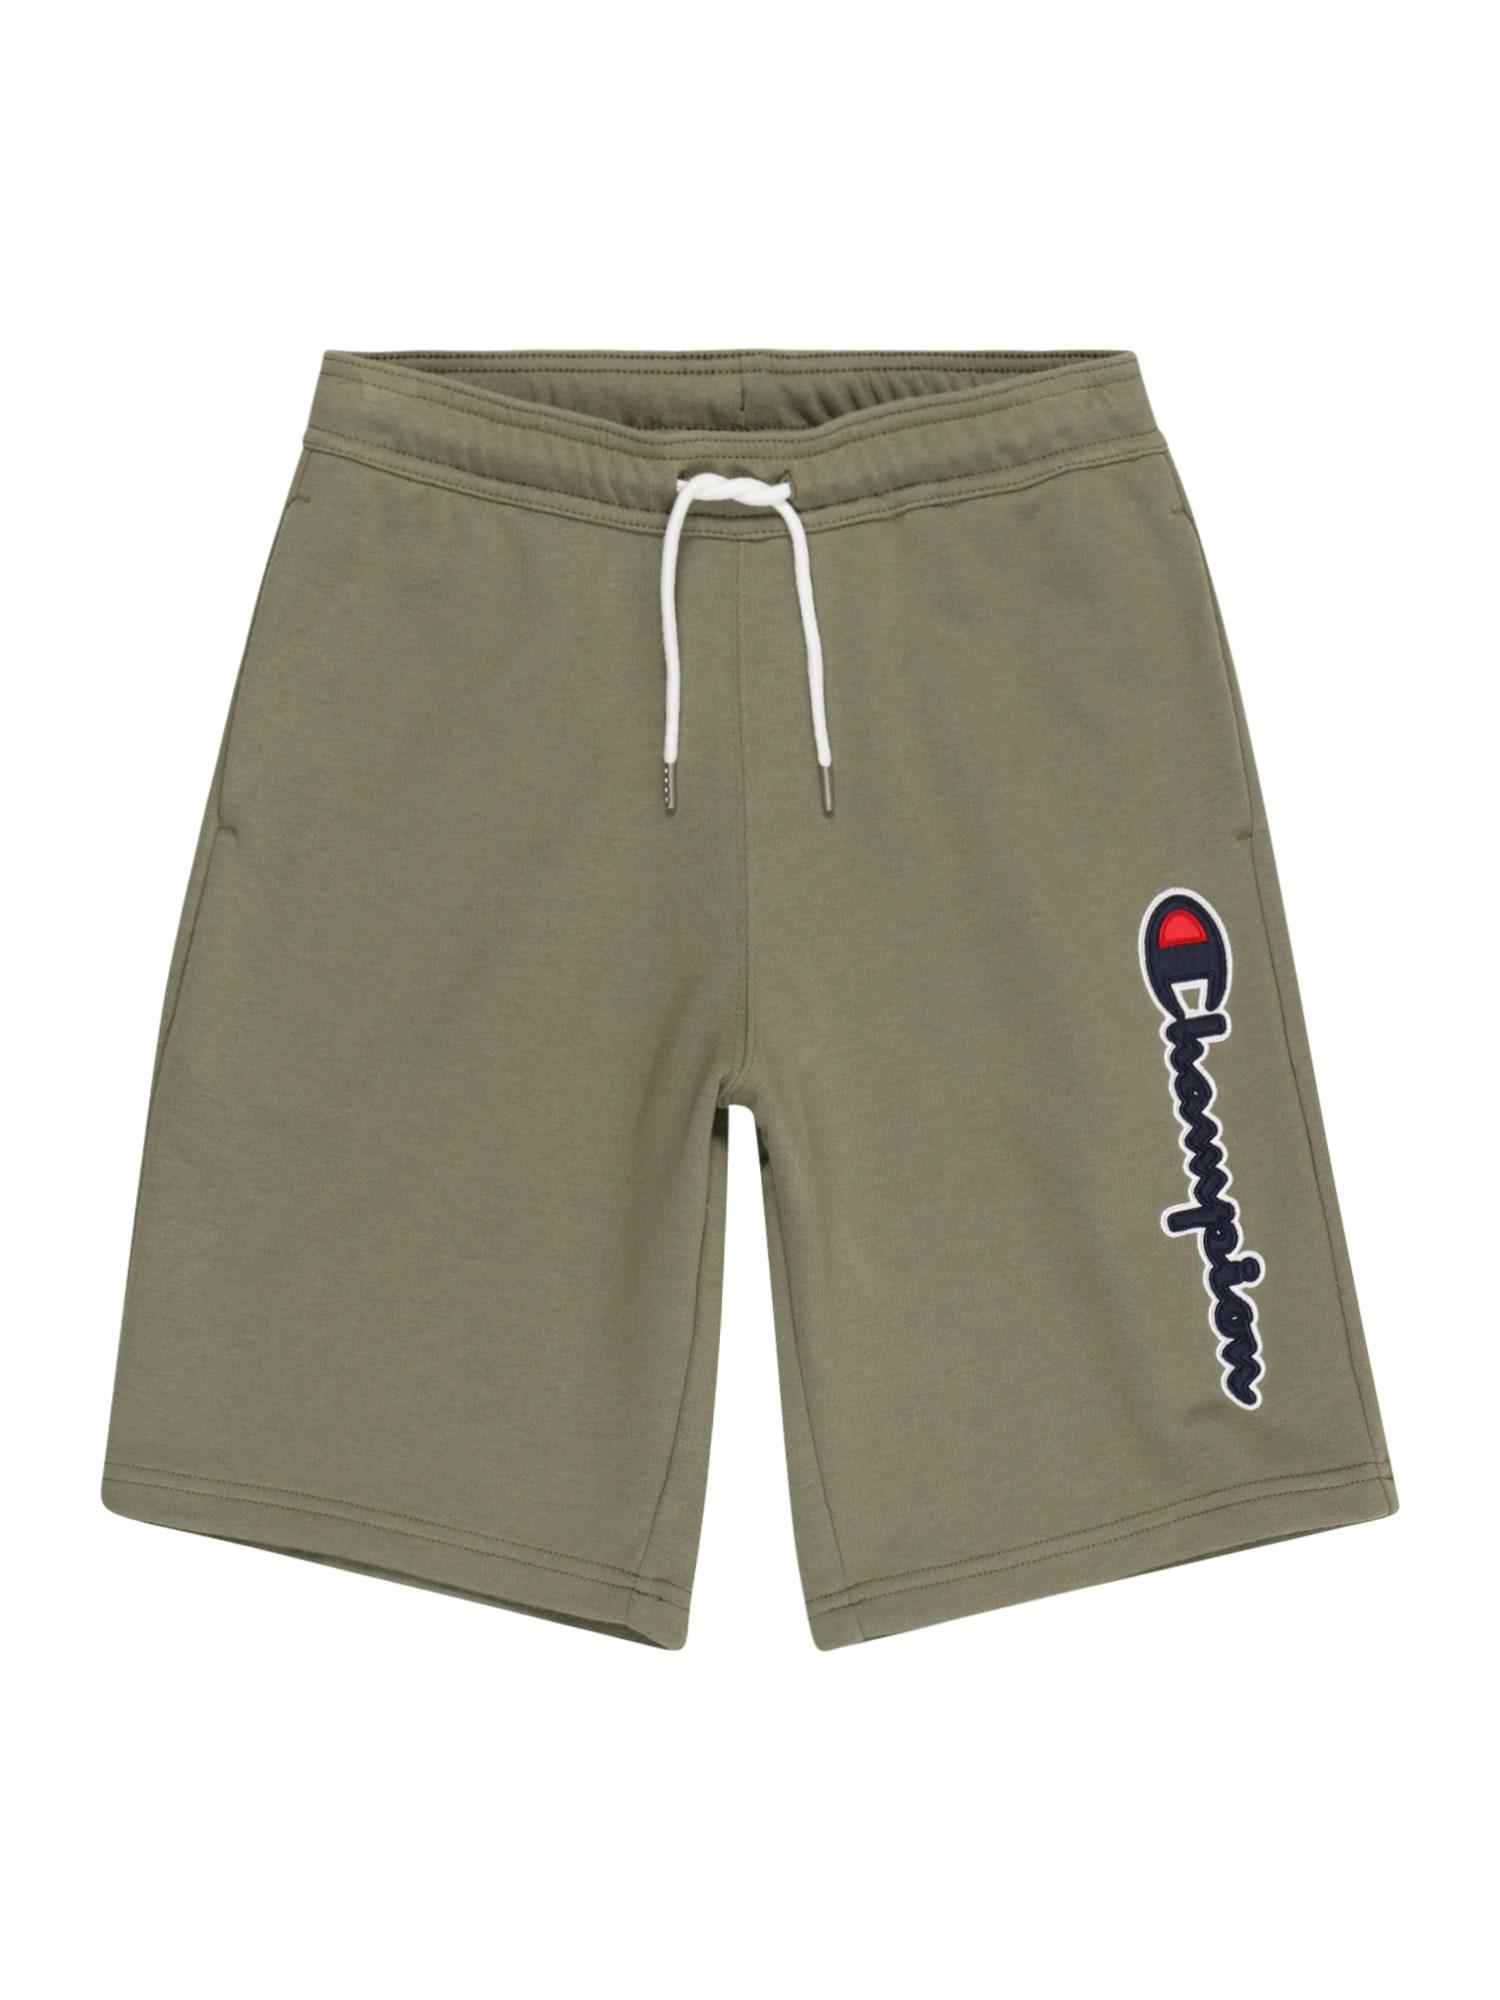 Champion Authentic Athletic Apparel Kelnės rusvai žalia / balta / raudona / nakties mėlyna